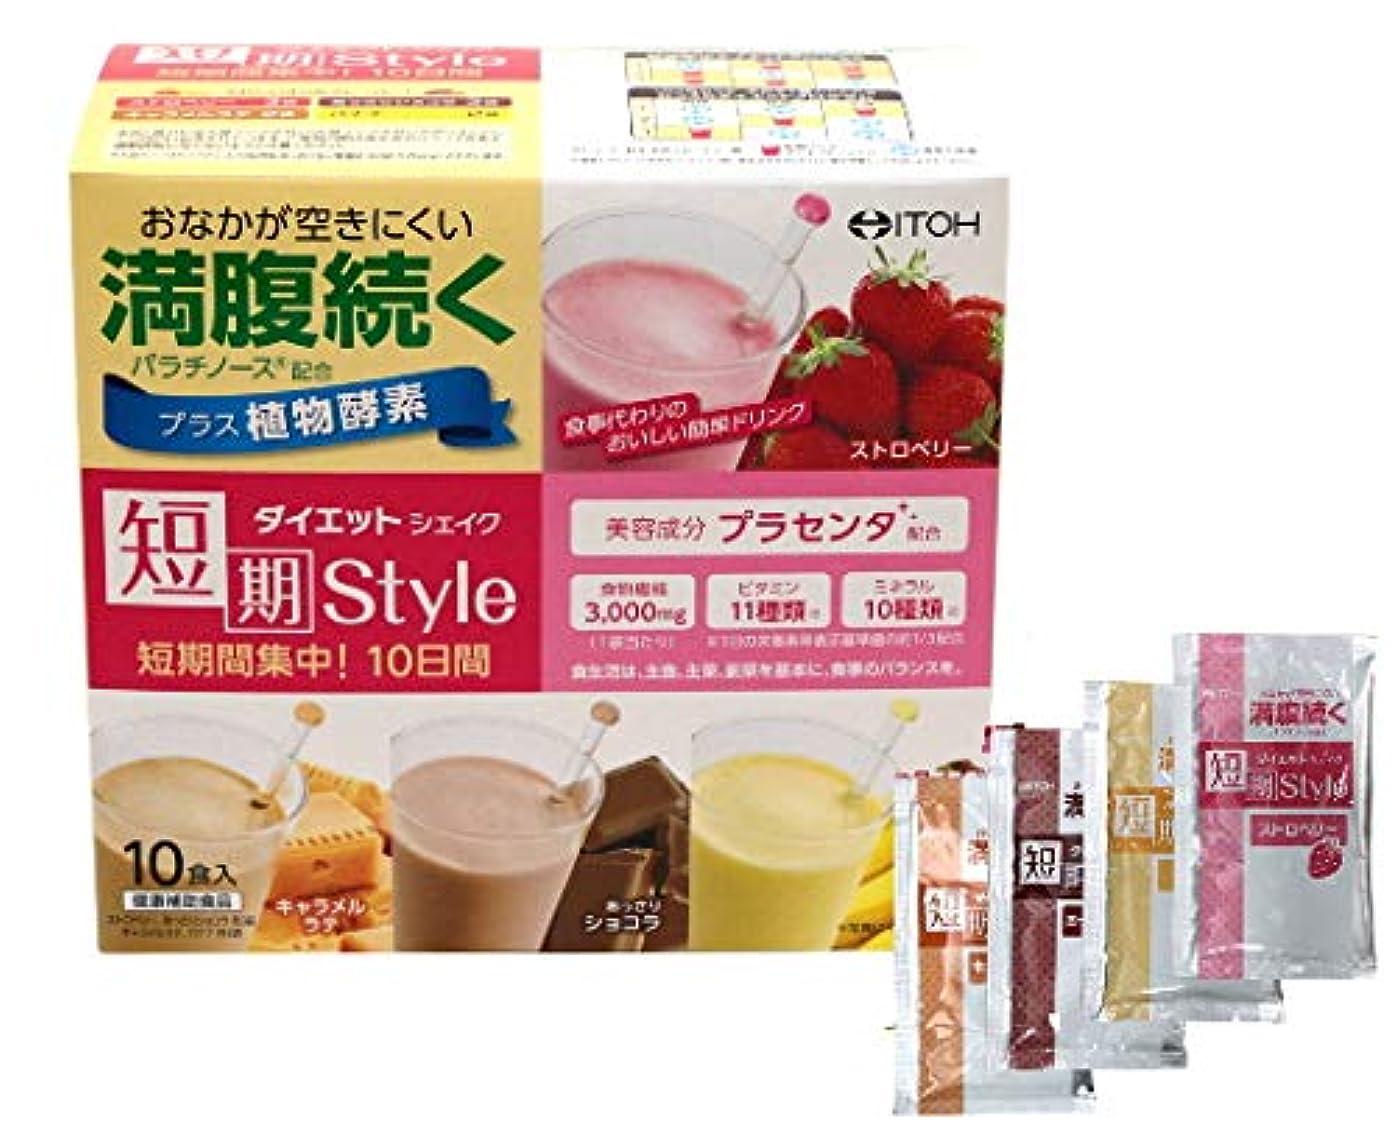 ネブ水曜日土地井藤漢方 短期スタイル ダイエットシェイク(25g×10袋)2個セット